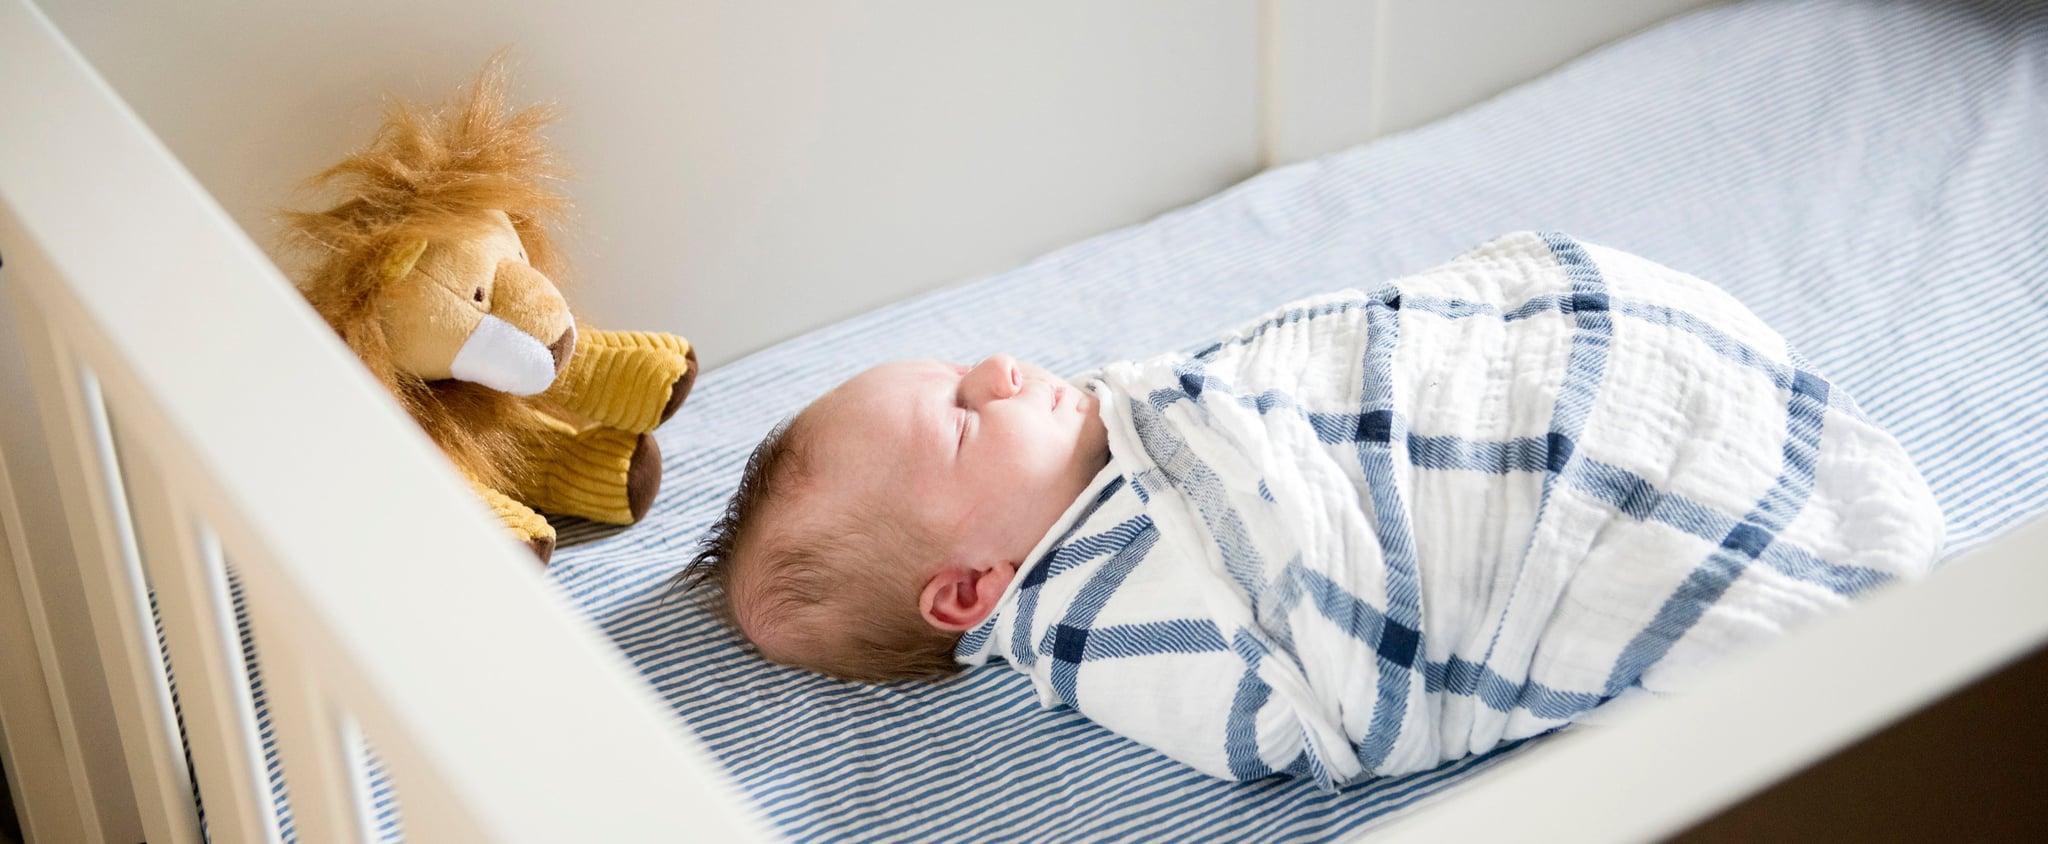 Best Baby Sleep Products on Amazon